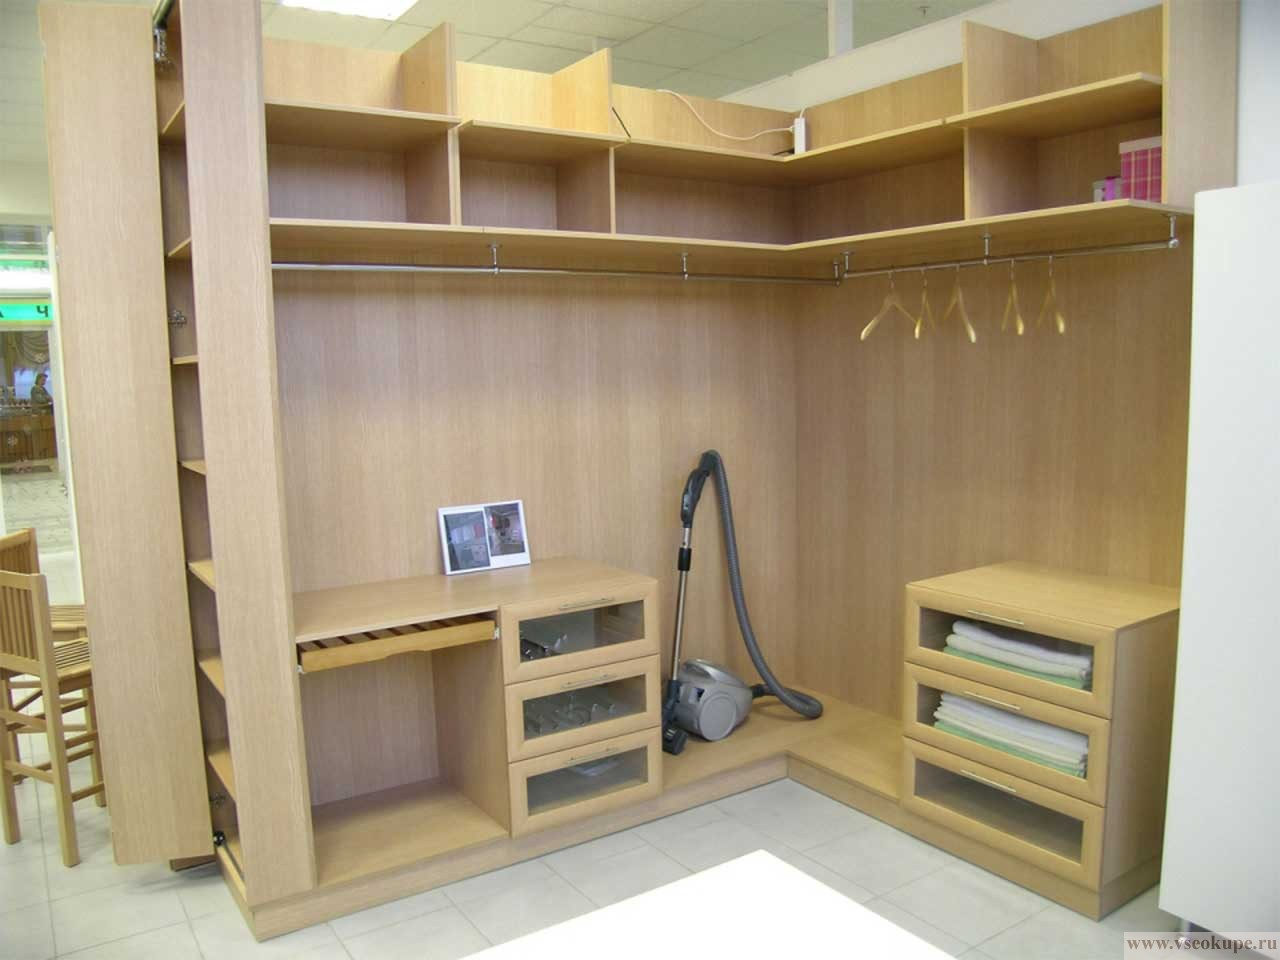 Изготовление распашных шкафов из лдсп. - мебель на заказ таш.